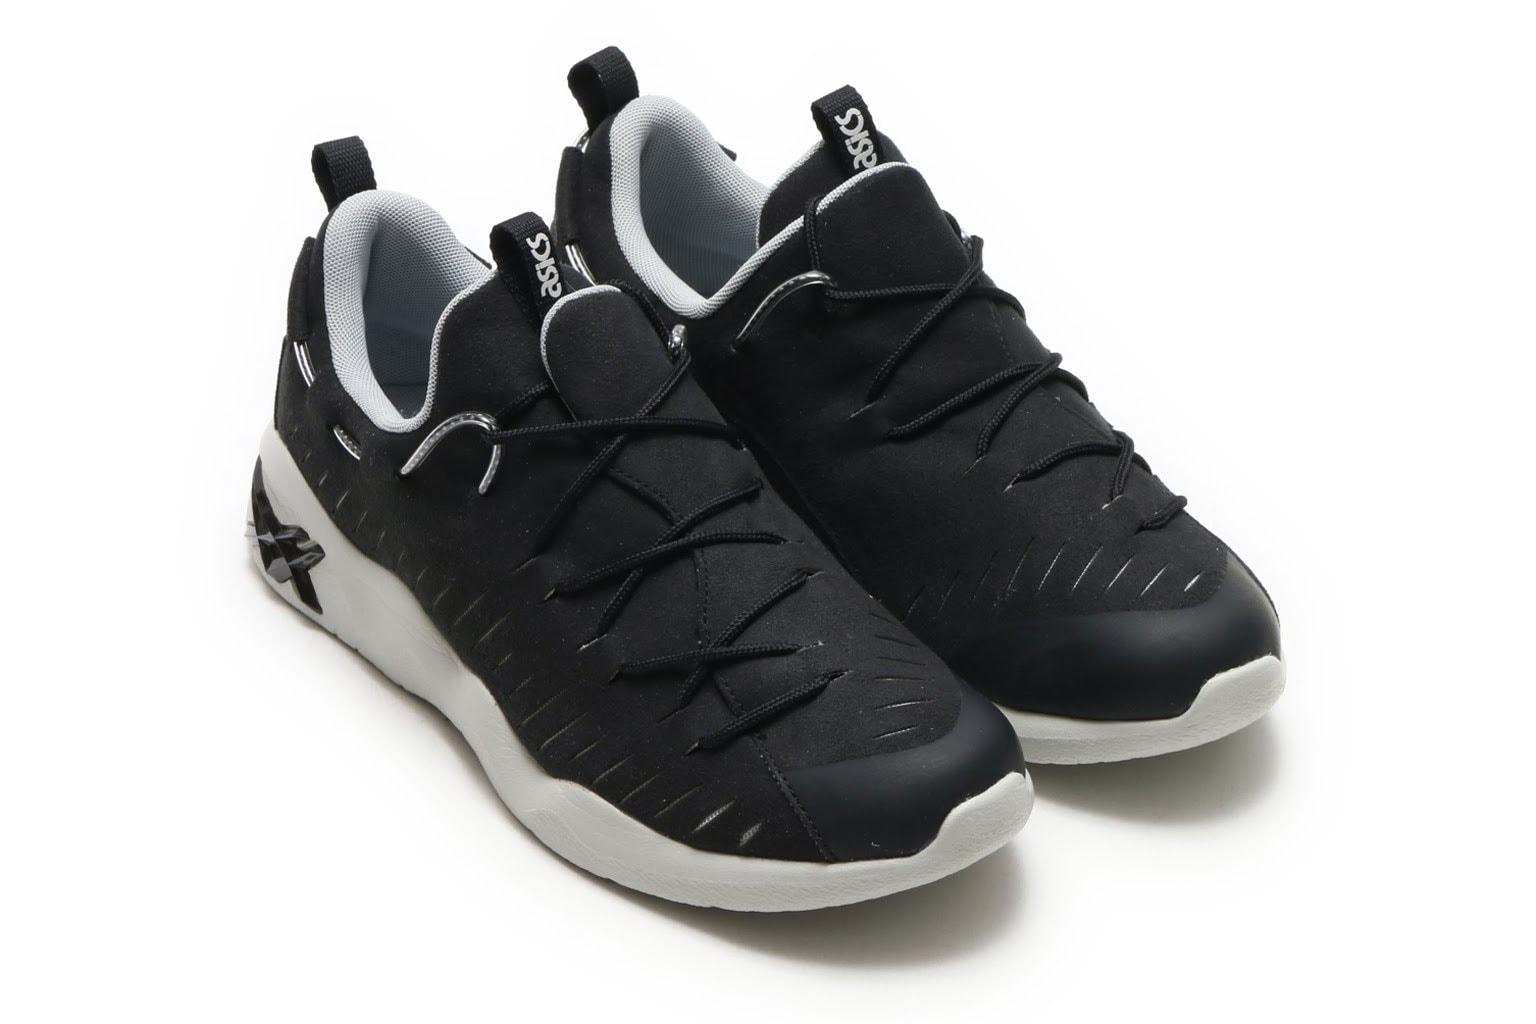 2018 브랜드별 신상 운동화 6종 어글리 슈즈 아빠 운동화 프라다 호카원원 나이키 리복 스위즈 비츠 미스터 포터 Nike Prada HOKA ONE ONE Reebok Swizz Beatz Mr Porter shoes footwear daddy ugly